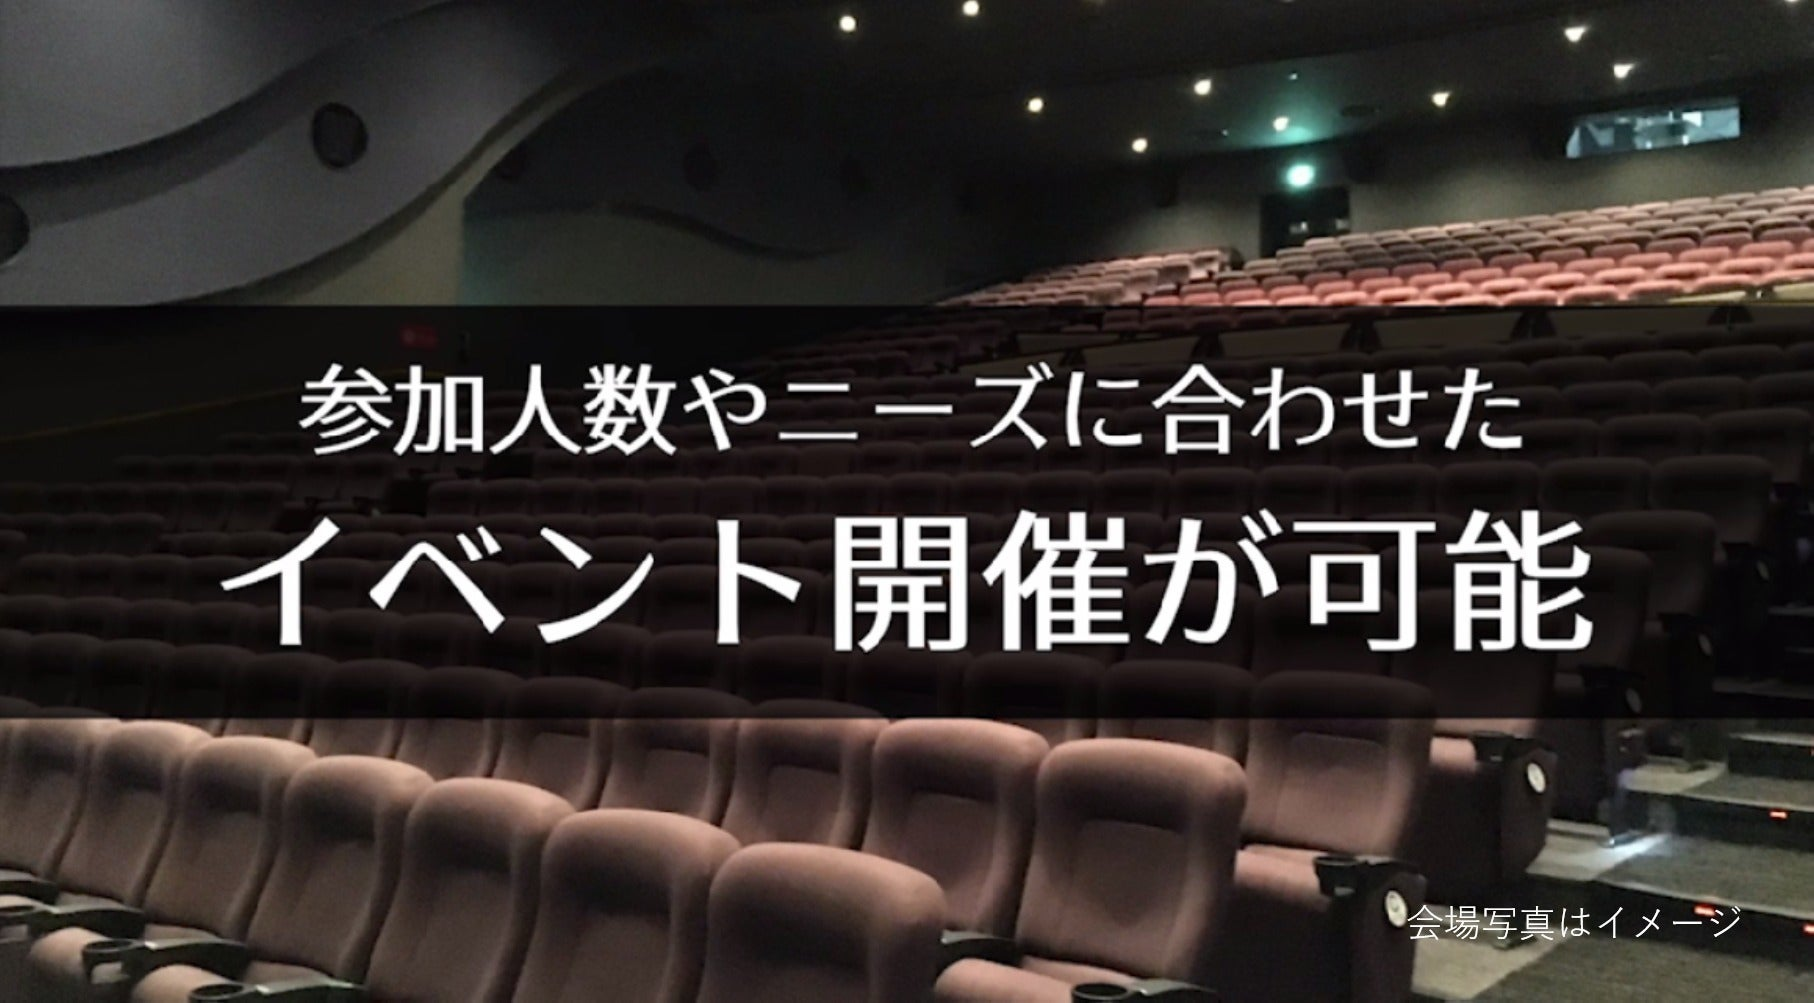 【幸手 157席】映画館で、会社説明会、株主総会、講演会の企画はいかがですか?